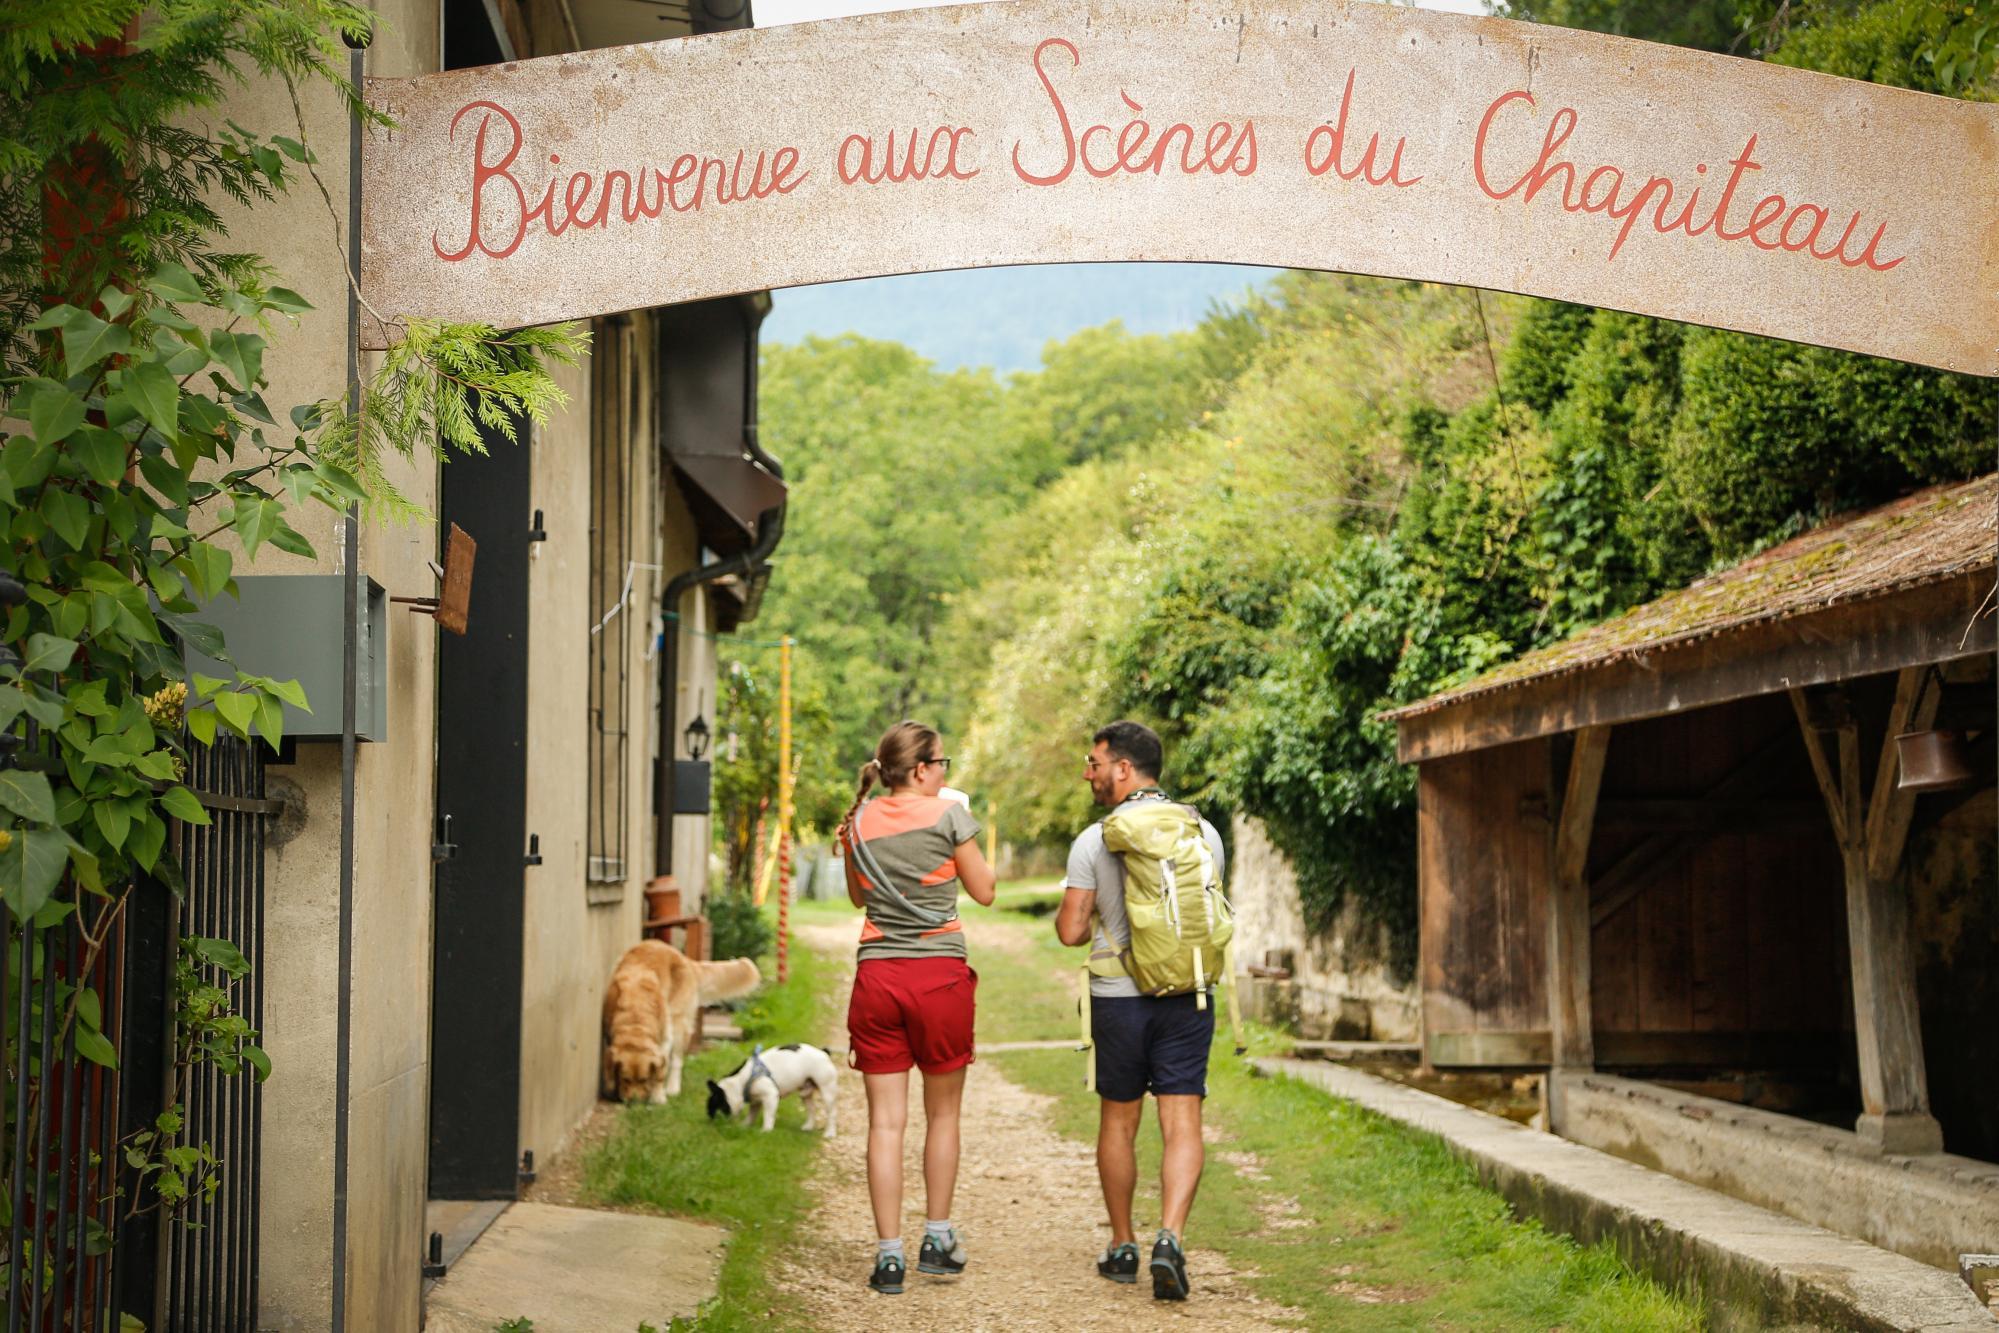 Les sc nes du chapiteau yverdon les bains region jura for Location yverdon les bains suisse